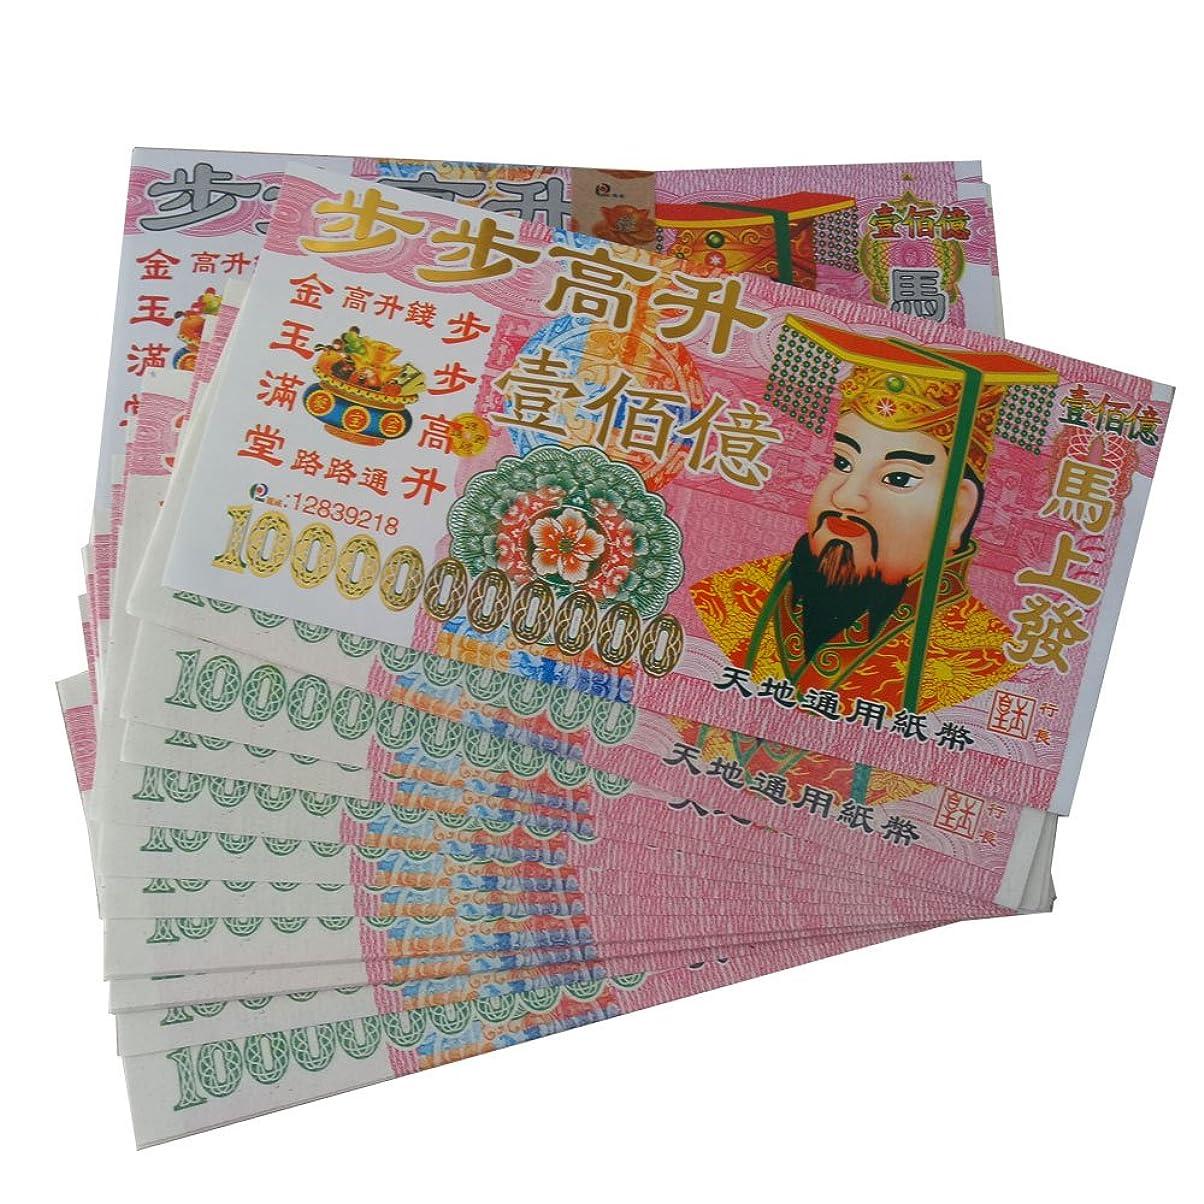 ポークソロ恐竜zeestar Chinese Joss Paper Money Hell Bank Note $ 10,000,000,000?9.8インチx 5.1インチ(パックof 120?)